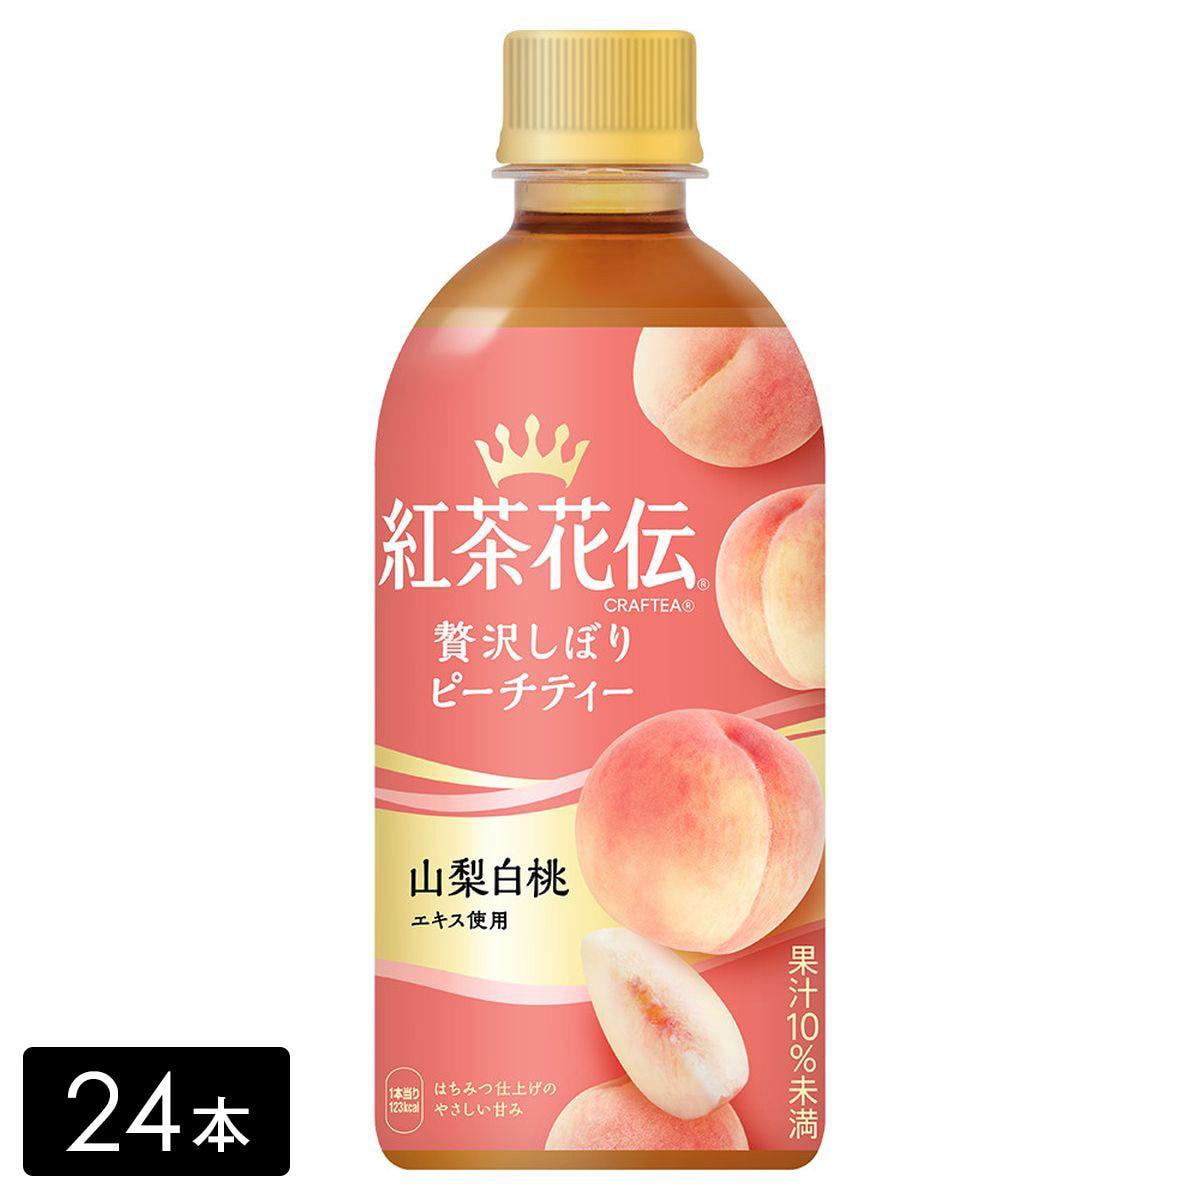 紅茶花伝 クラフティー 贅沢しぼりピーチティー 440mL×24本